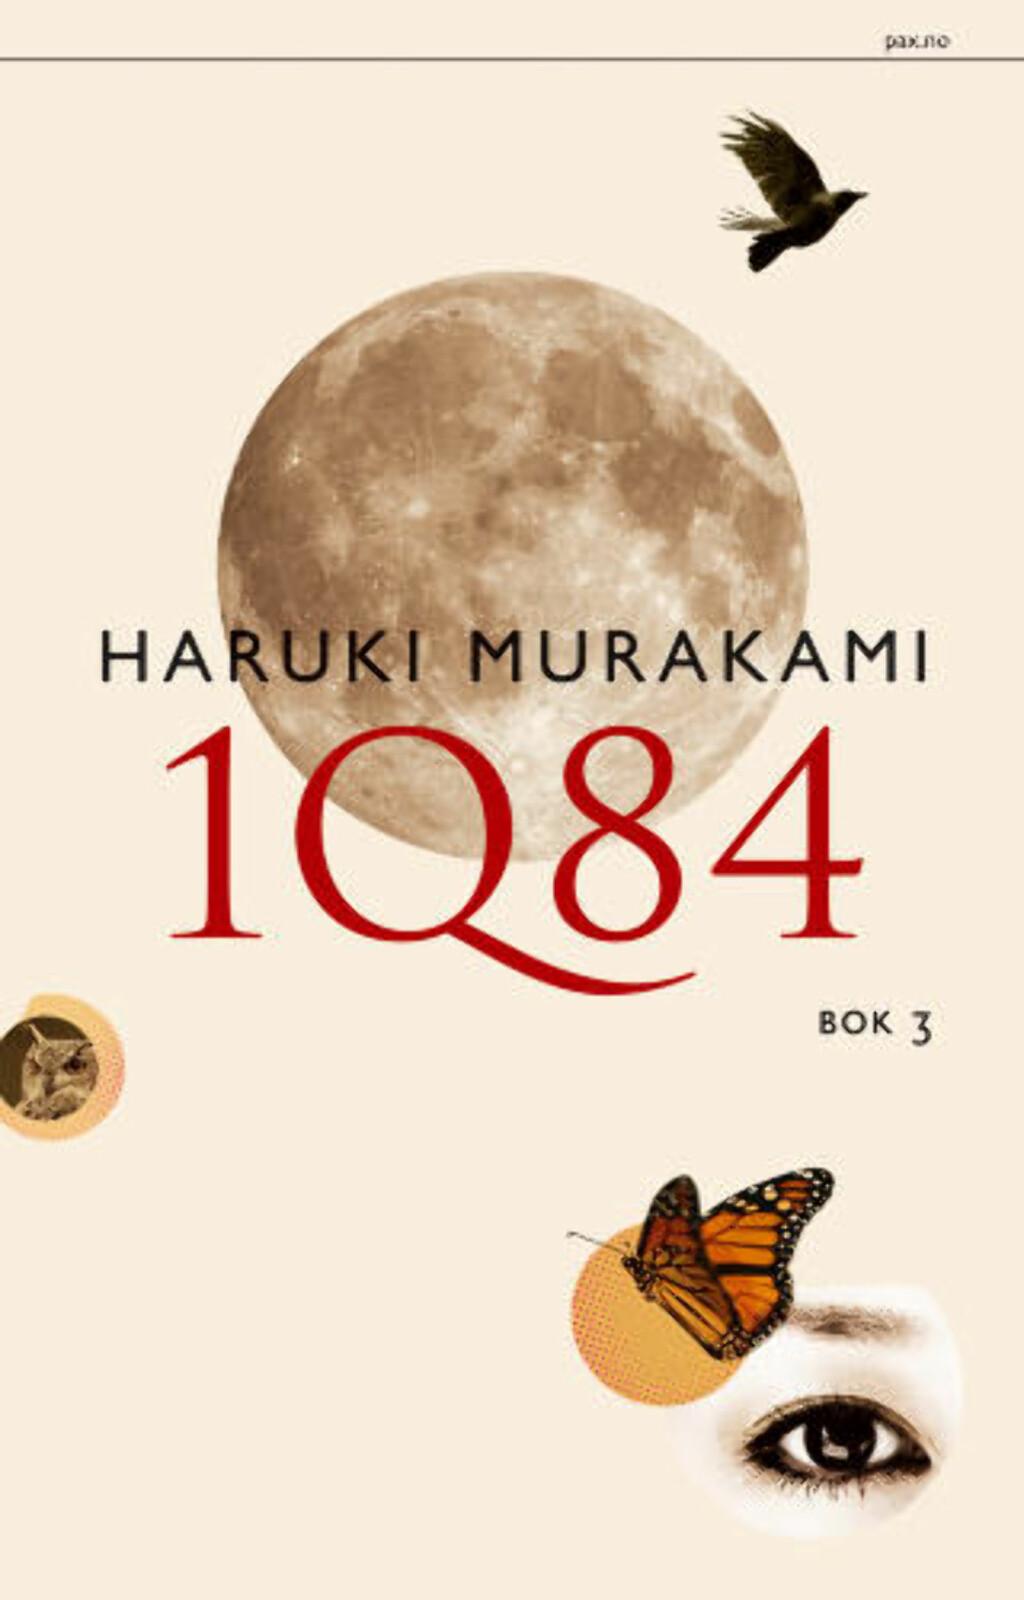 image: Bare Murakami kan lage stor litteratur av dette våset